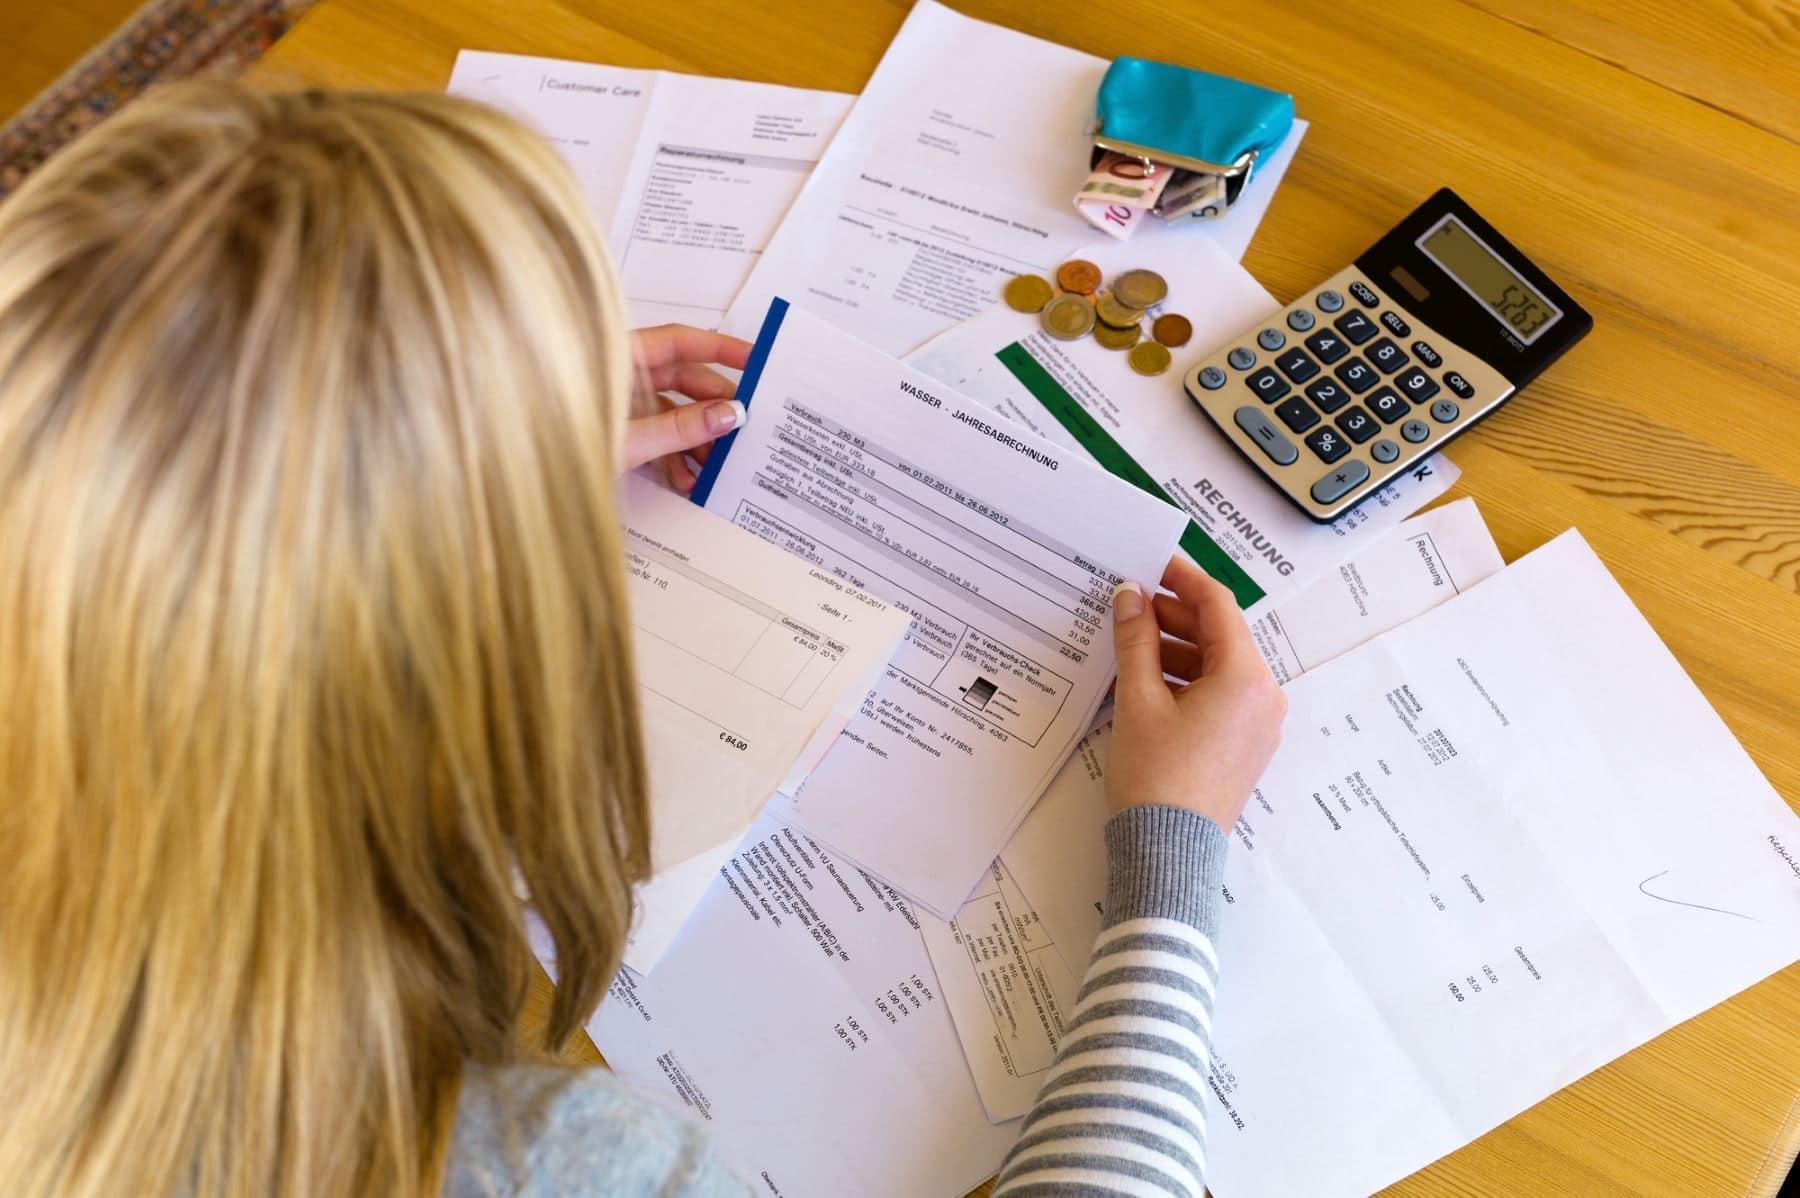 Nachhaltig schuldenfrei werden: mit diesen 3 Schritten schaffst DU es!